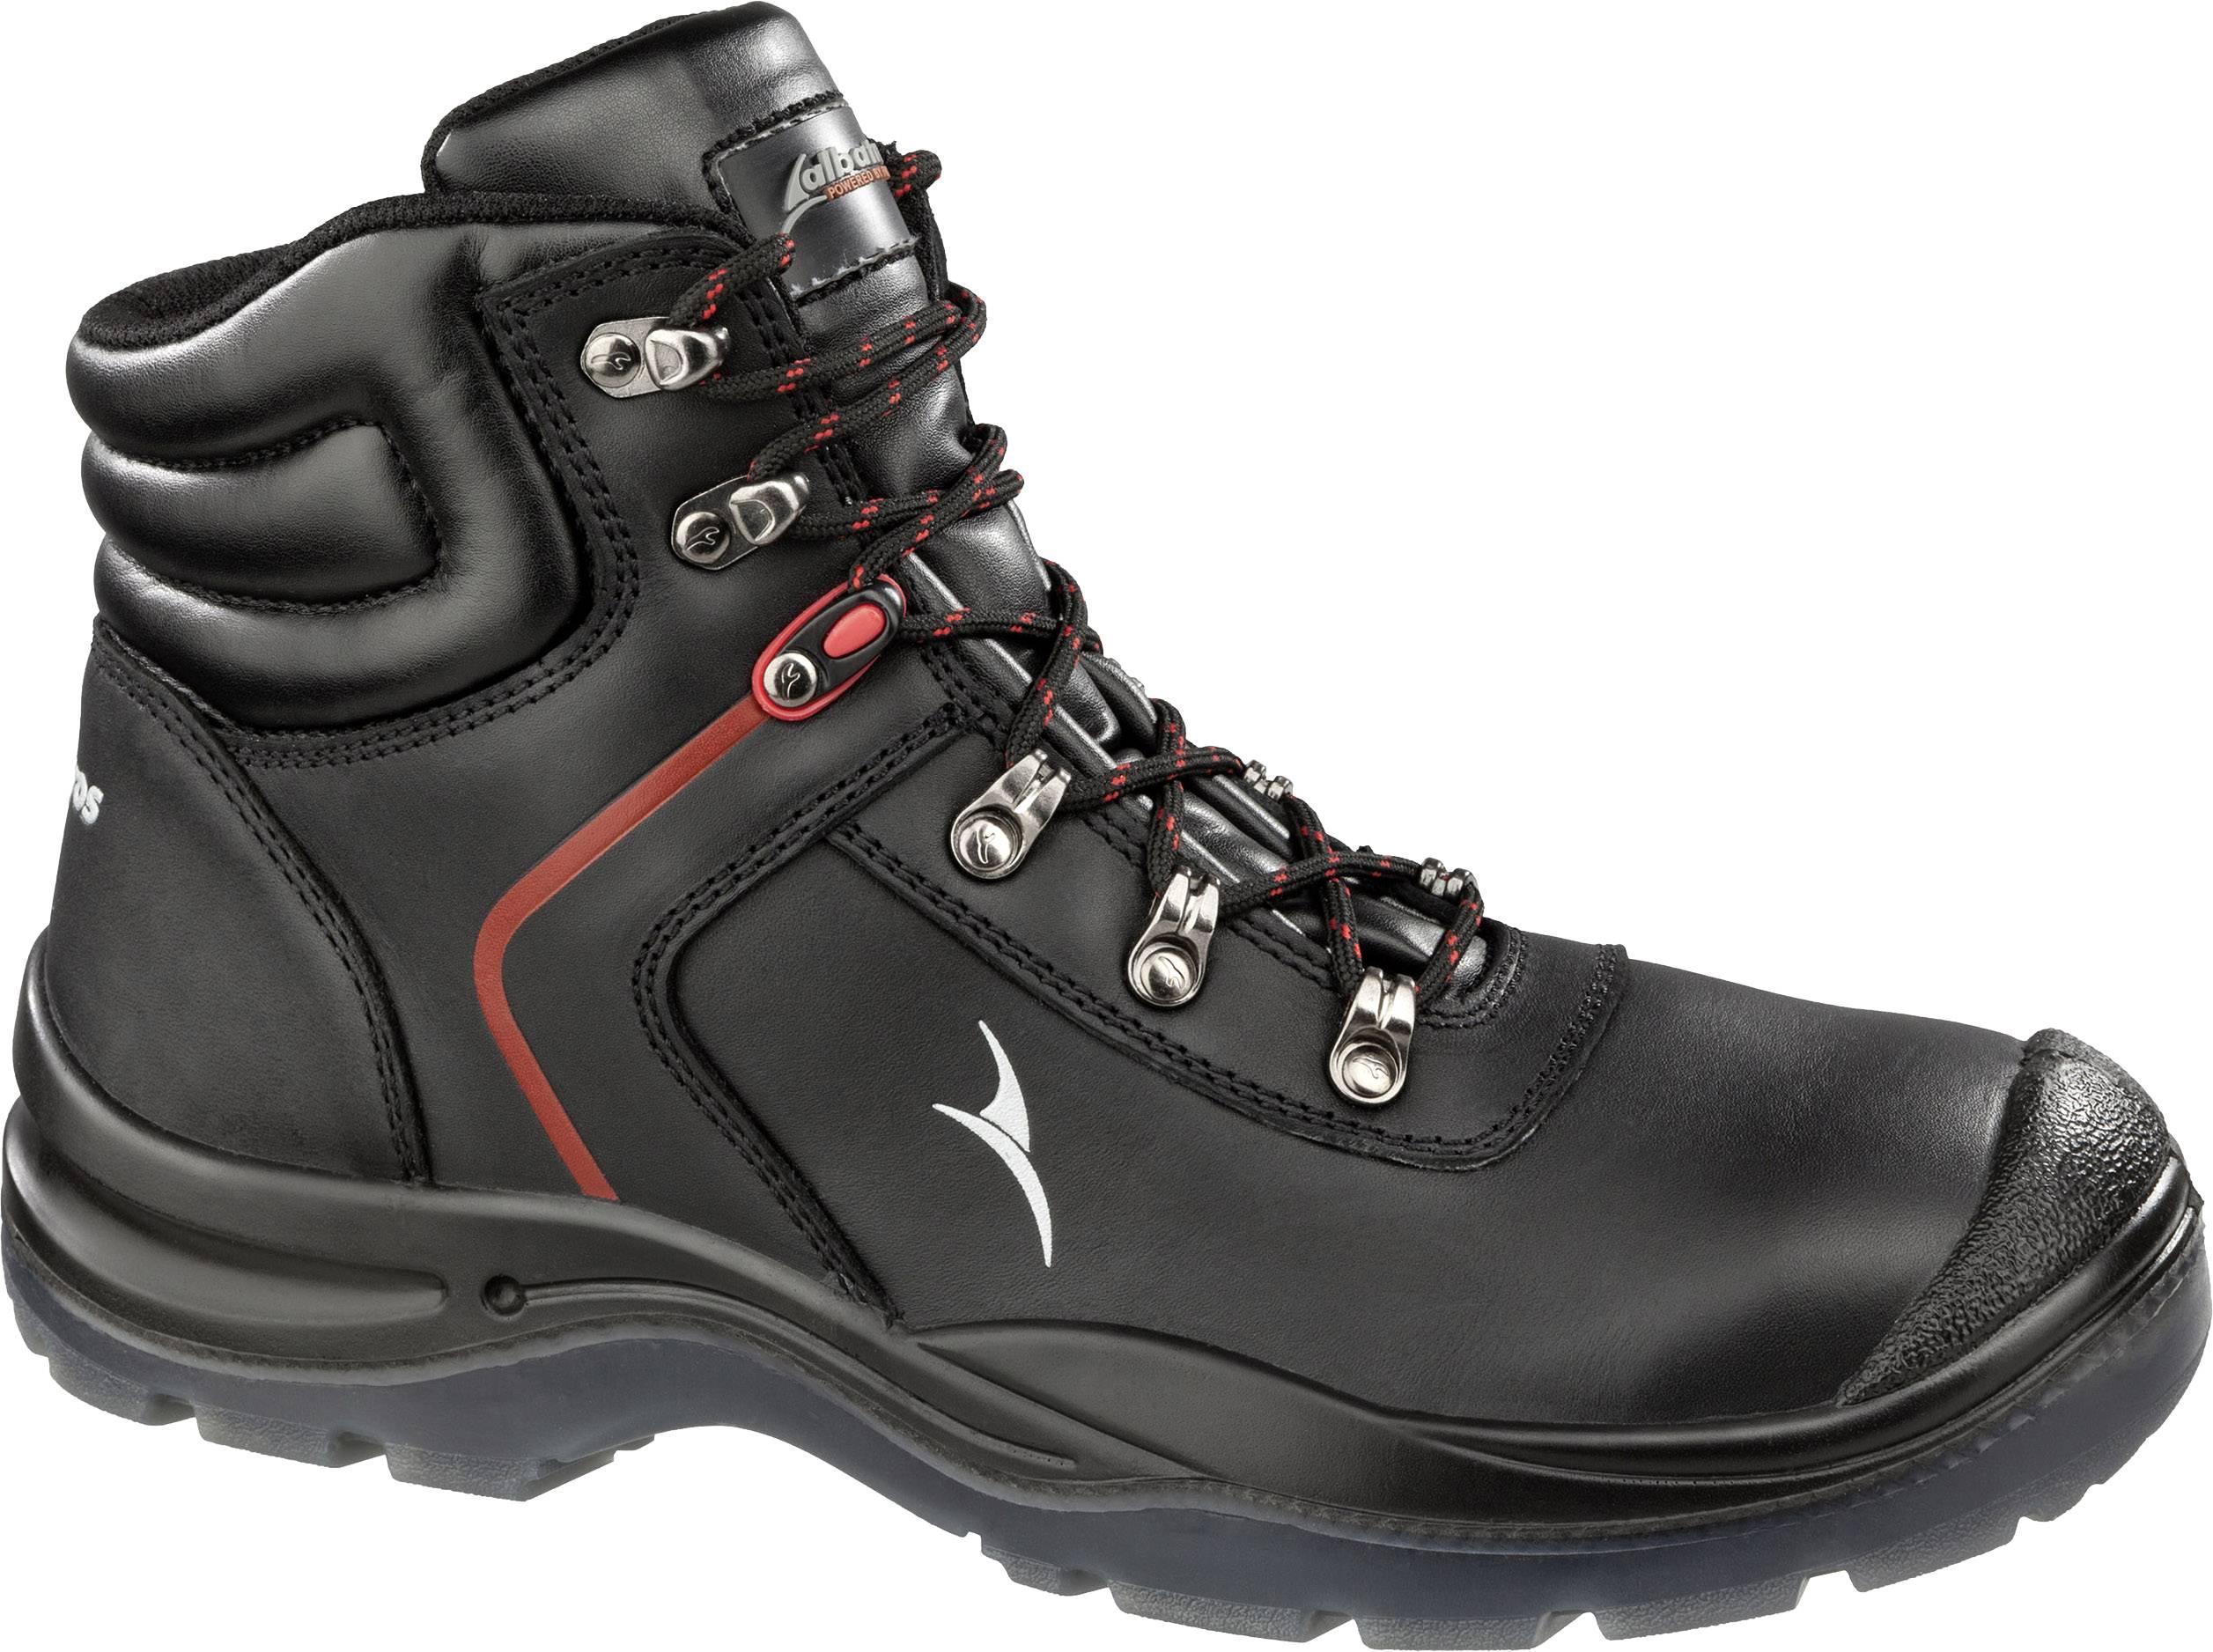 Bezpečnostní pracovní obuv S3 Velikost: 42 Albatros 631080 1 pár